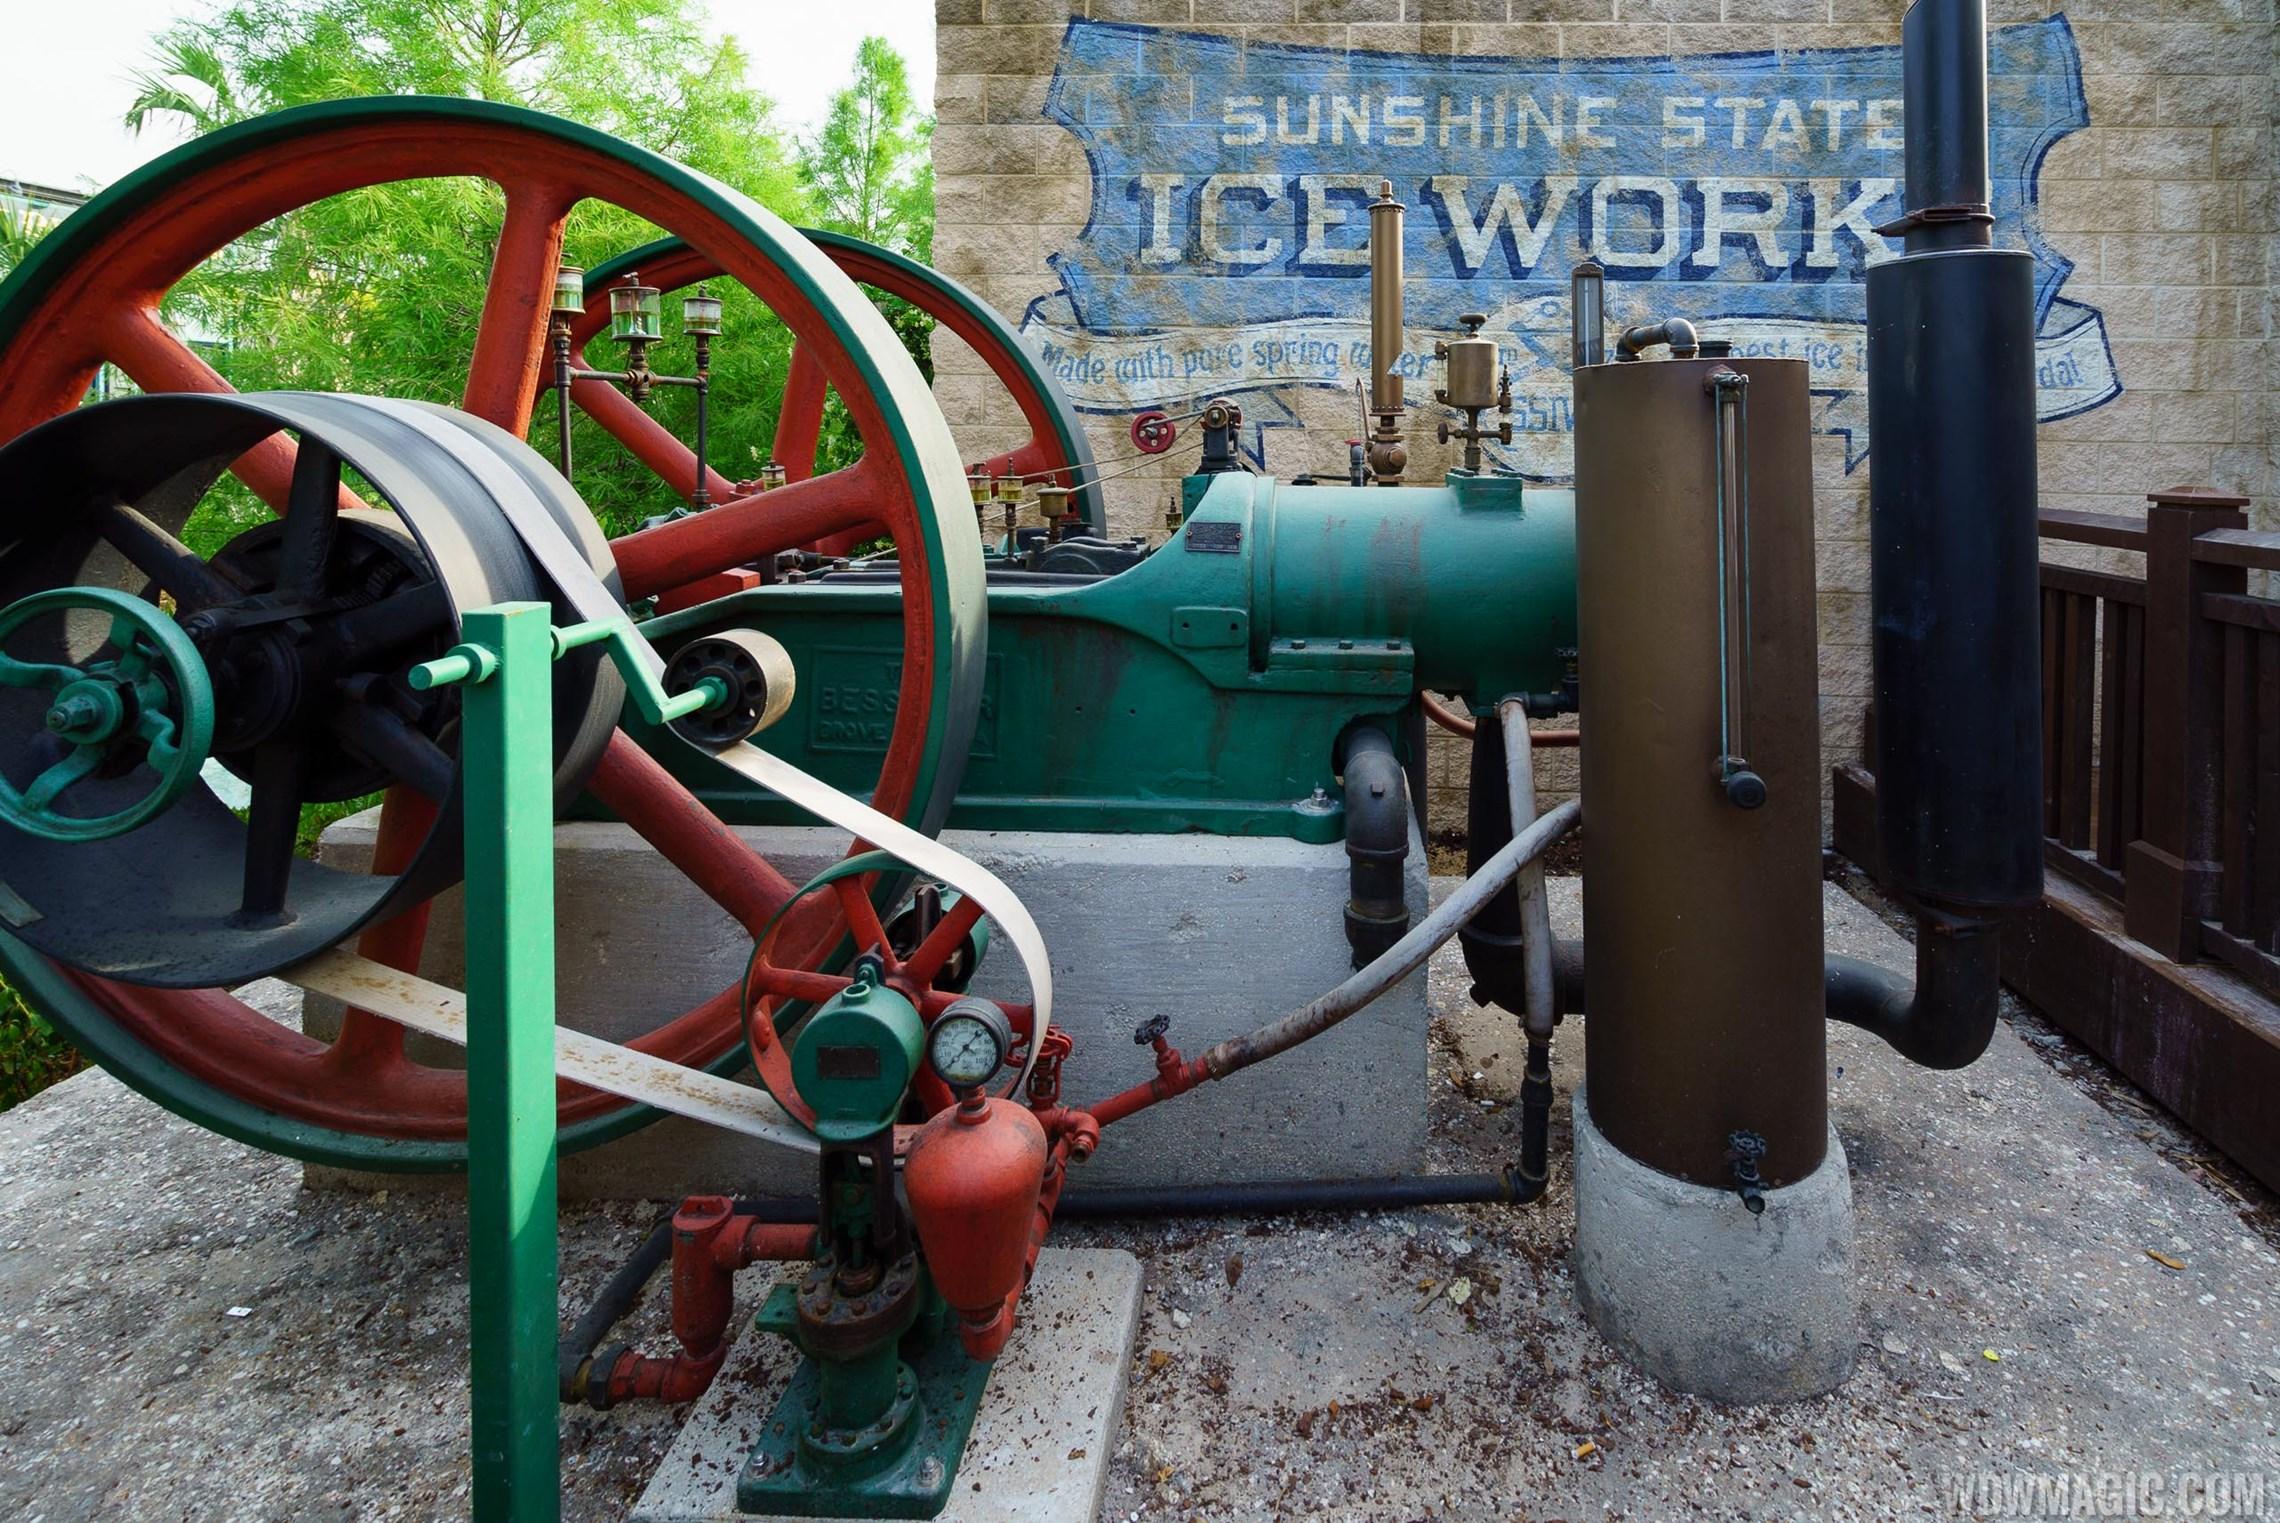 Sprinkles at Disney Springs overview